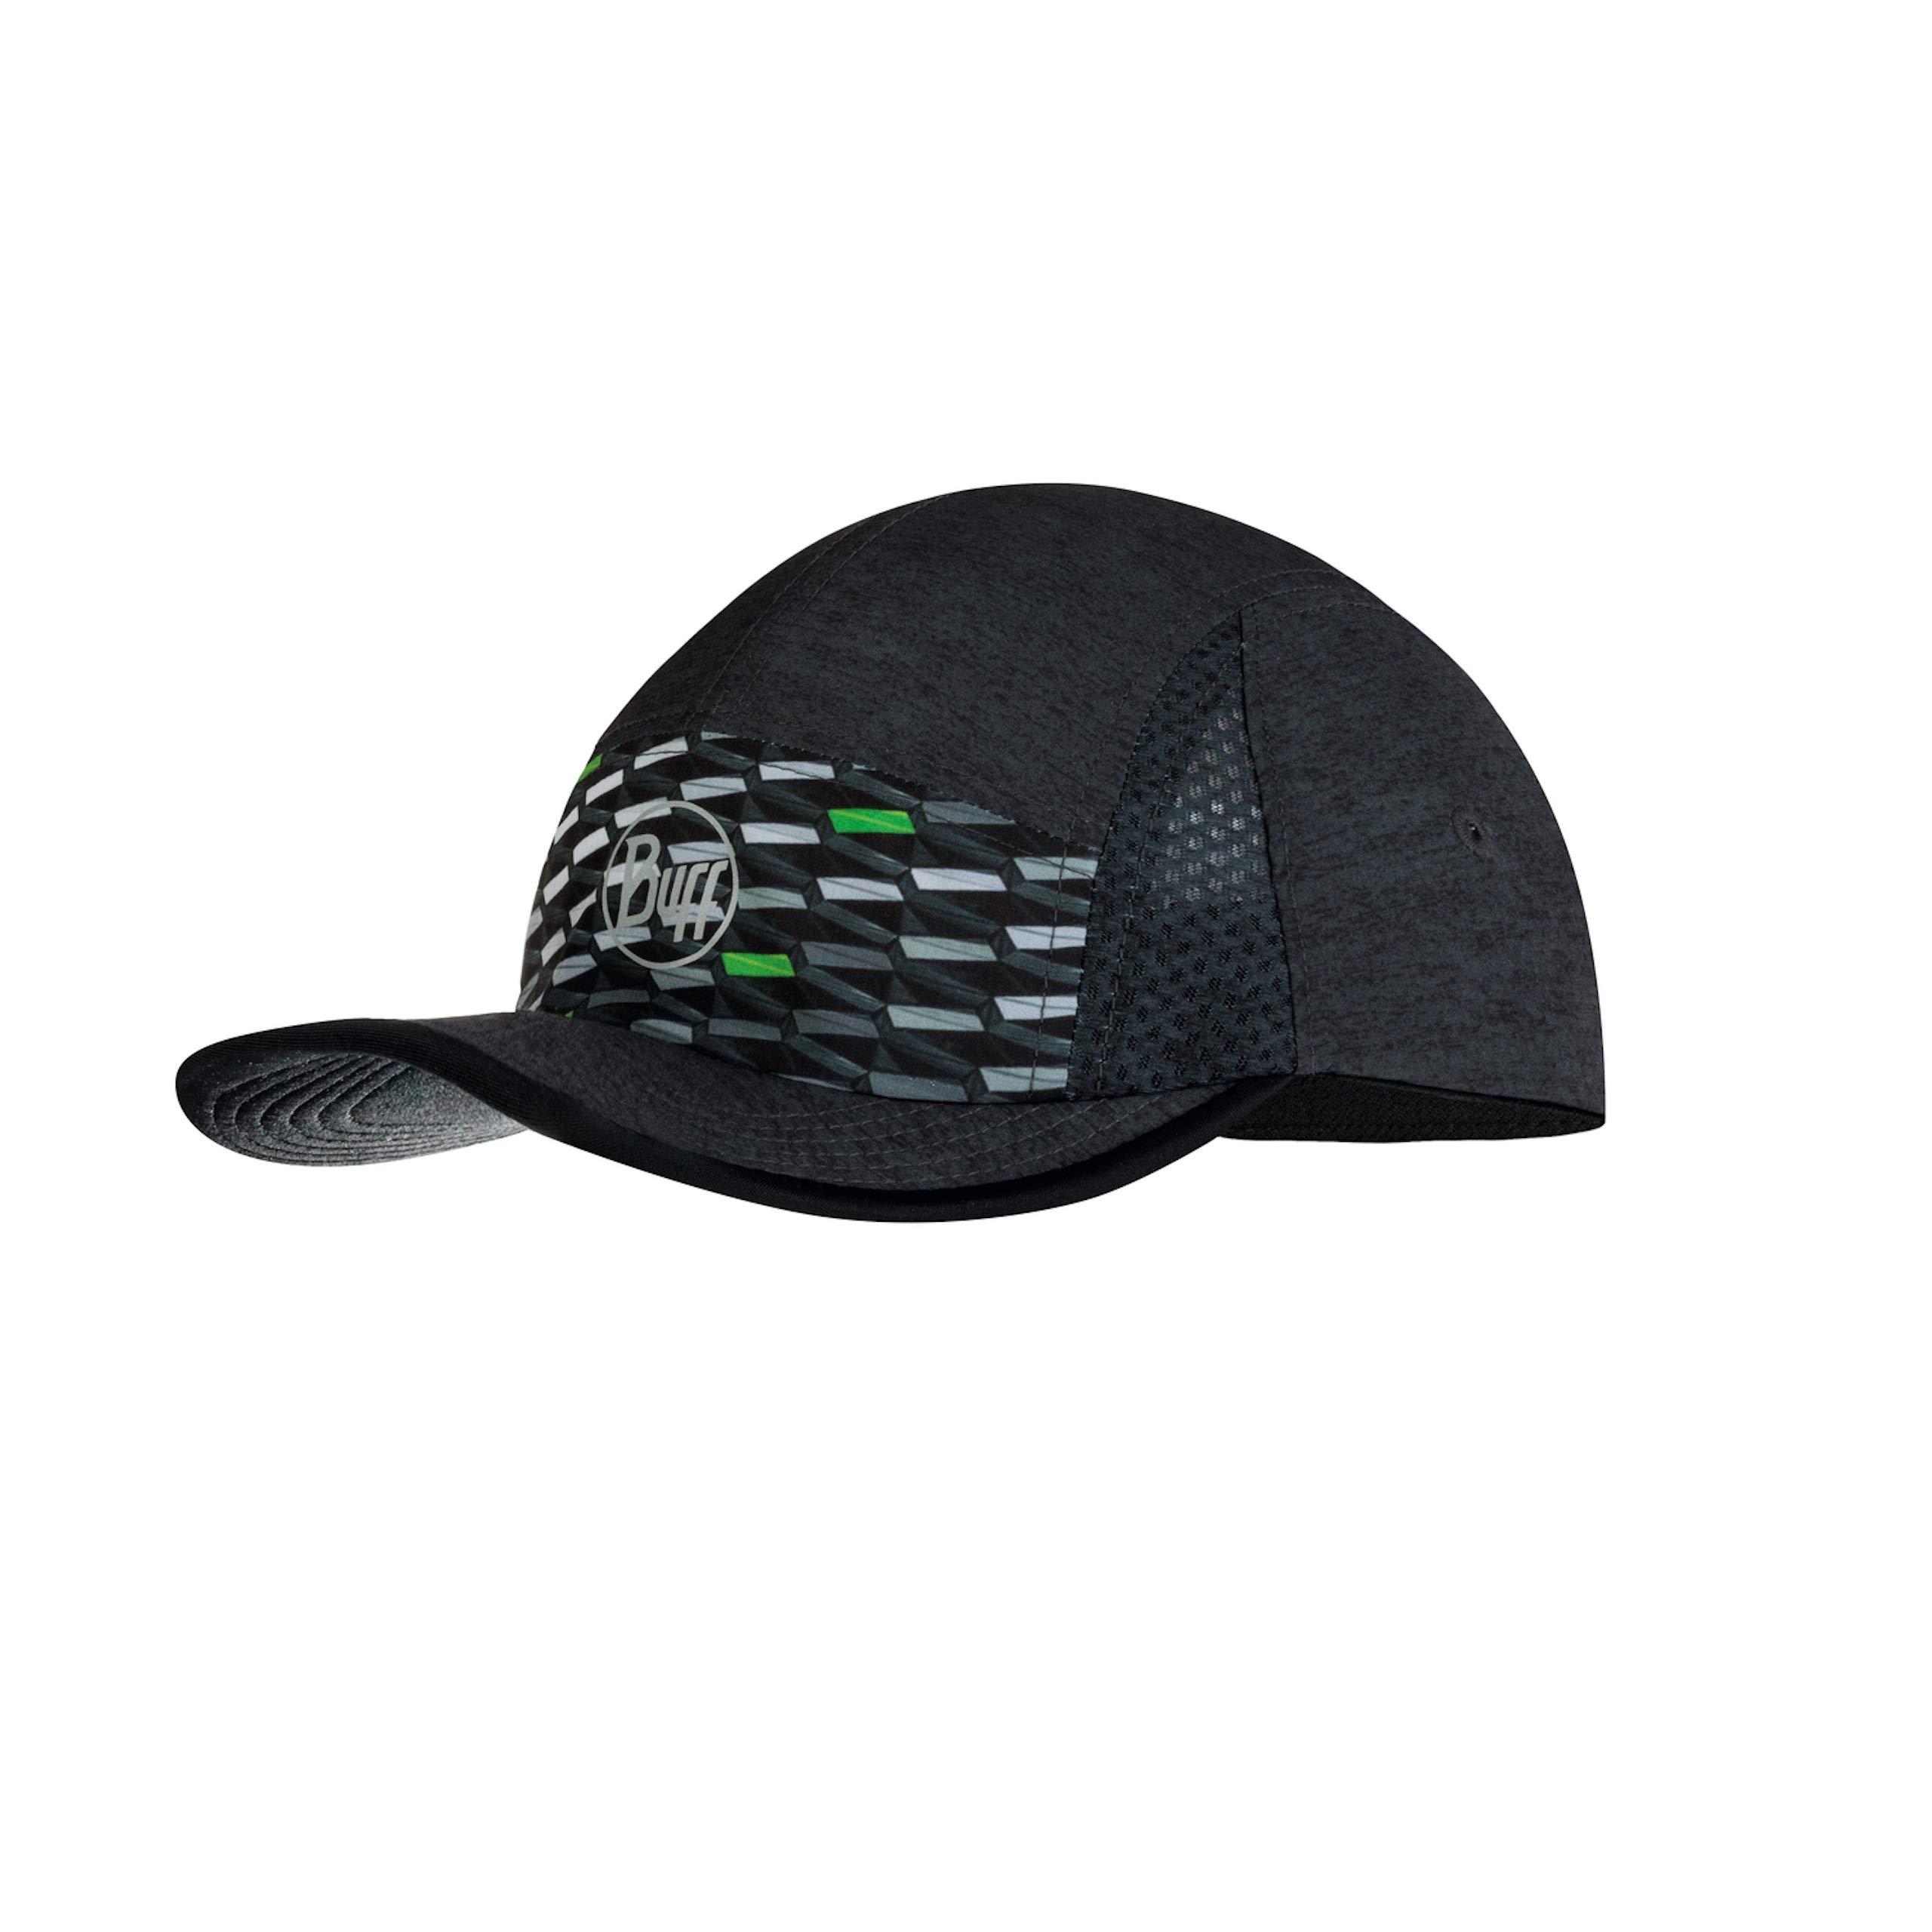 BUFF RUN CAP R-GEOTRIK BLACK